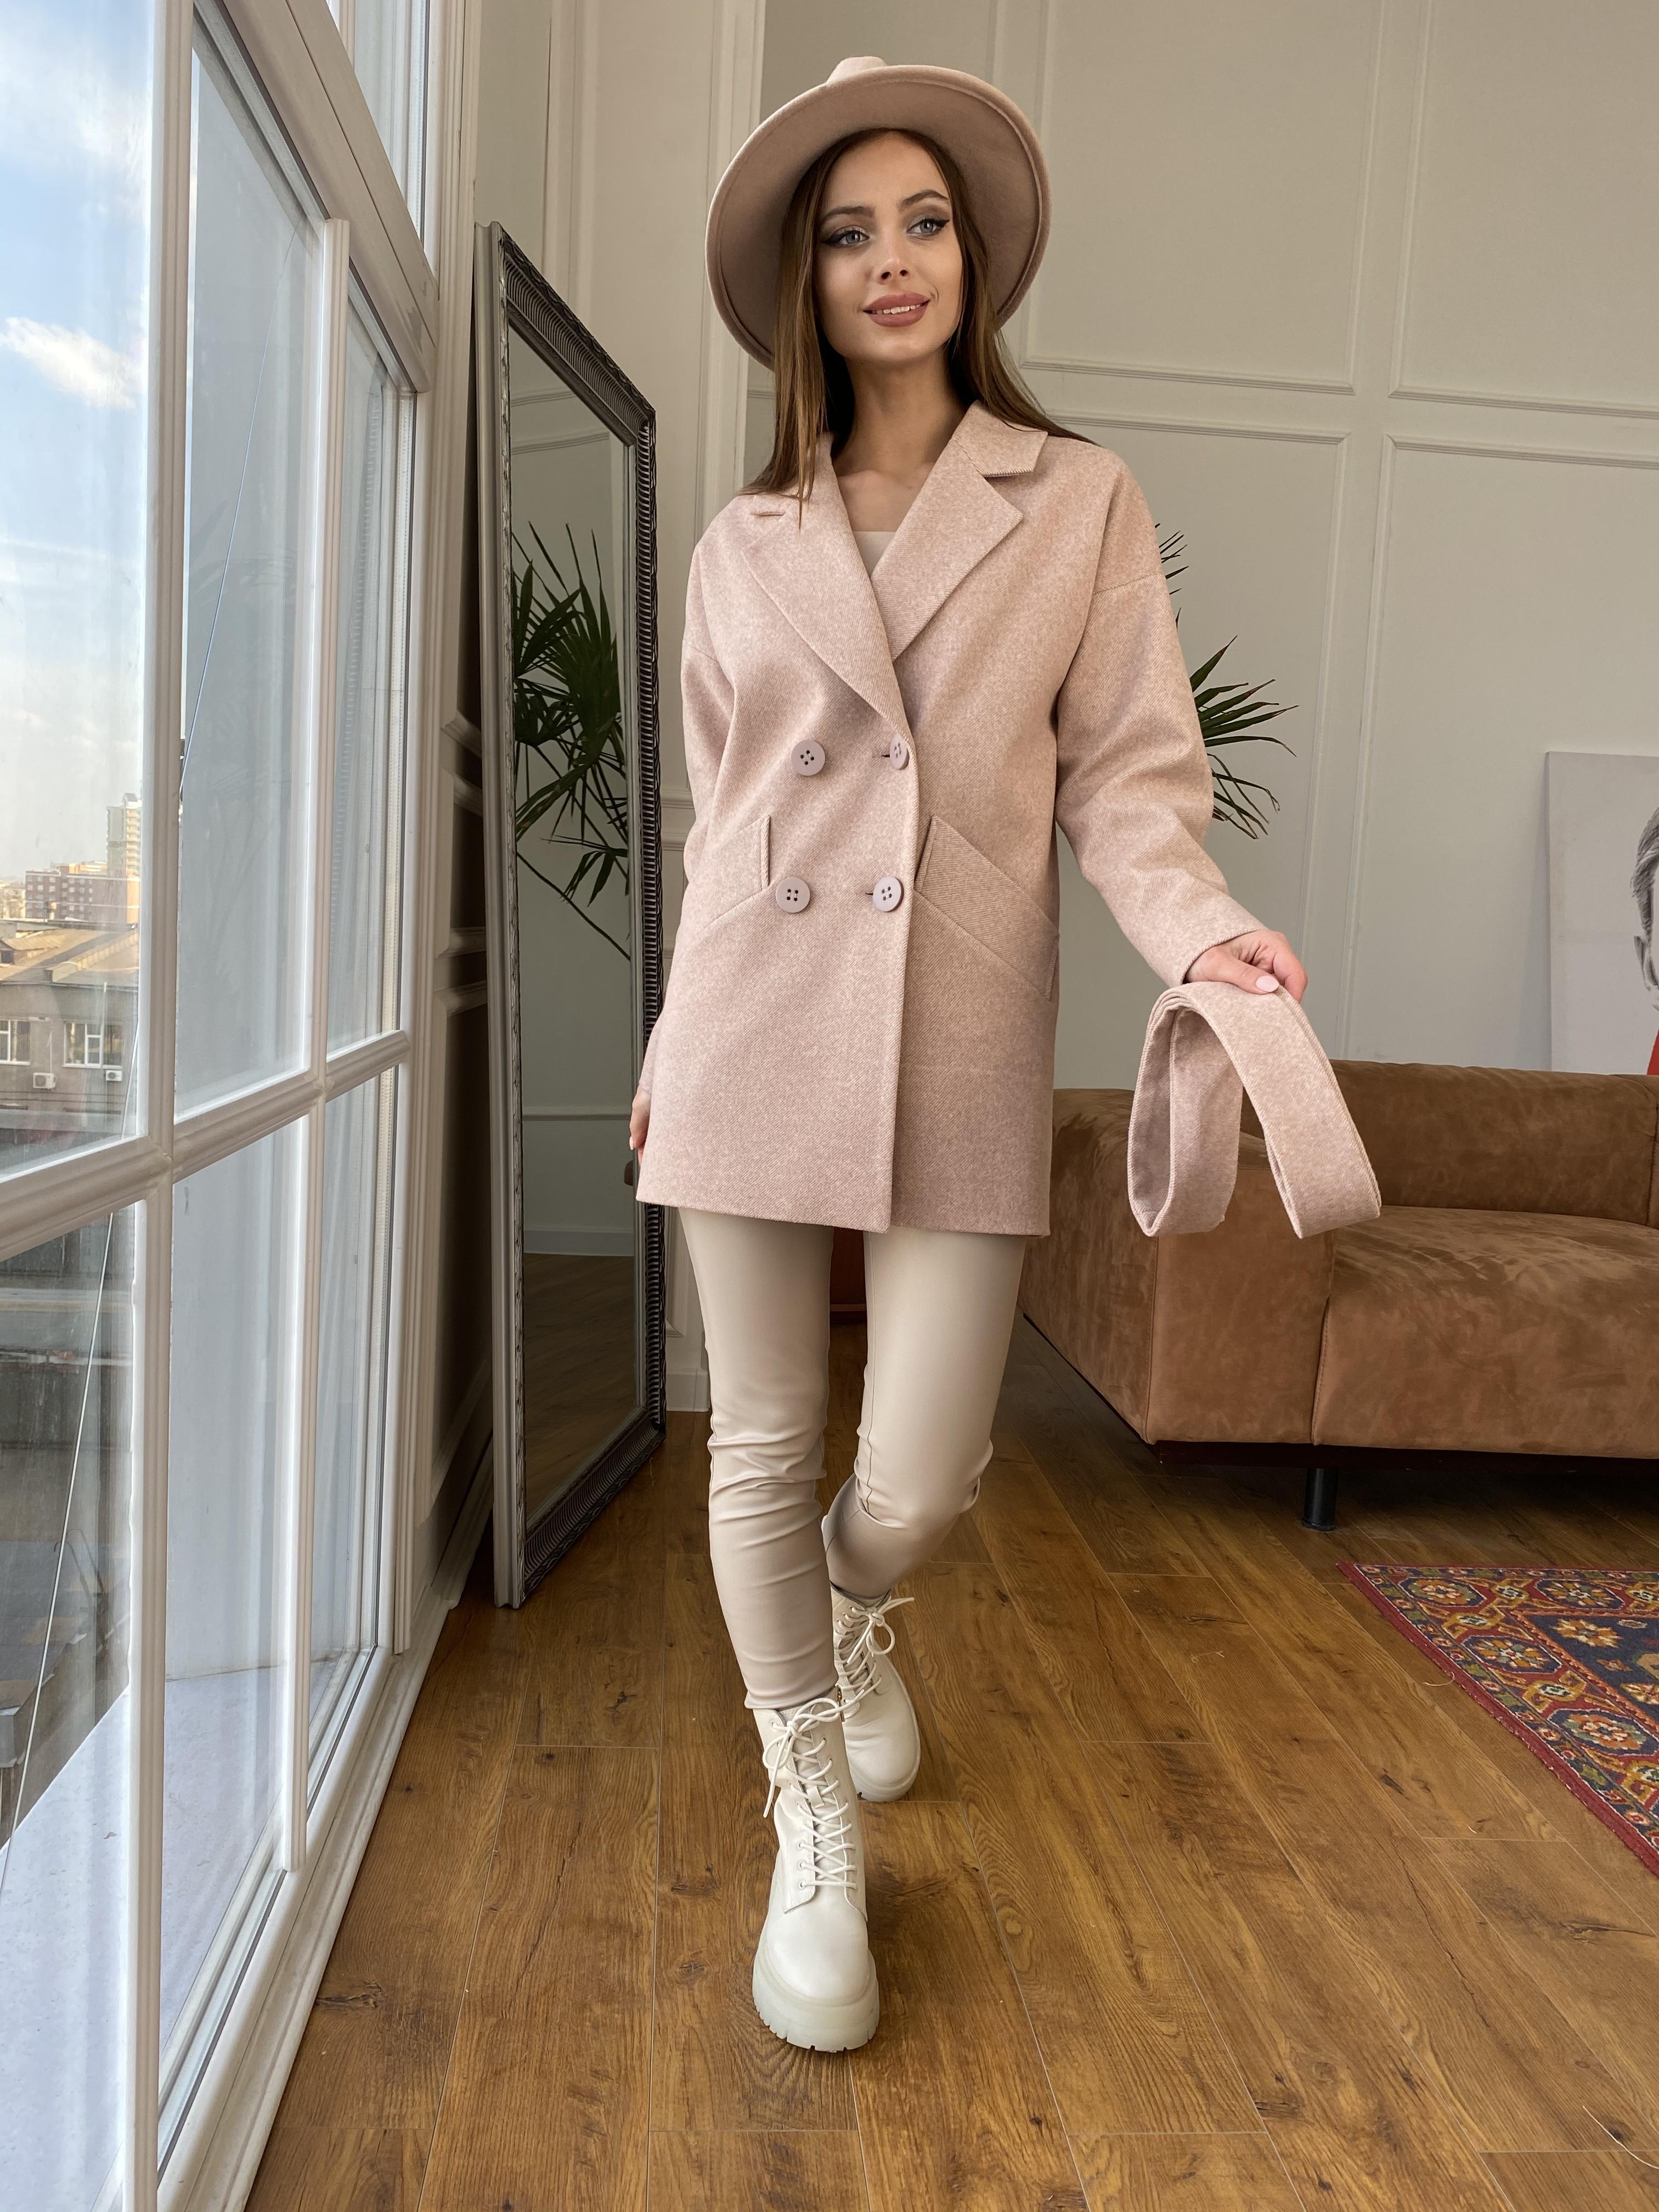 Бонд Диагональ пальто из пальтовой ткани  10757 АРТ. 47190 Цвет: Бежевый меланж 3 - фото 8, интернет магазин tm-modus.ru